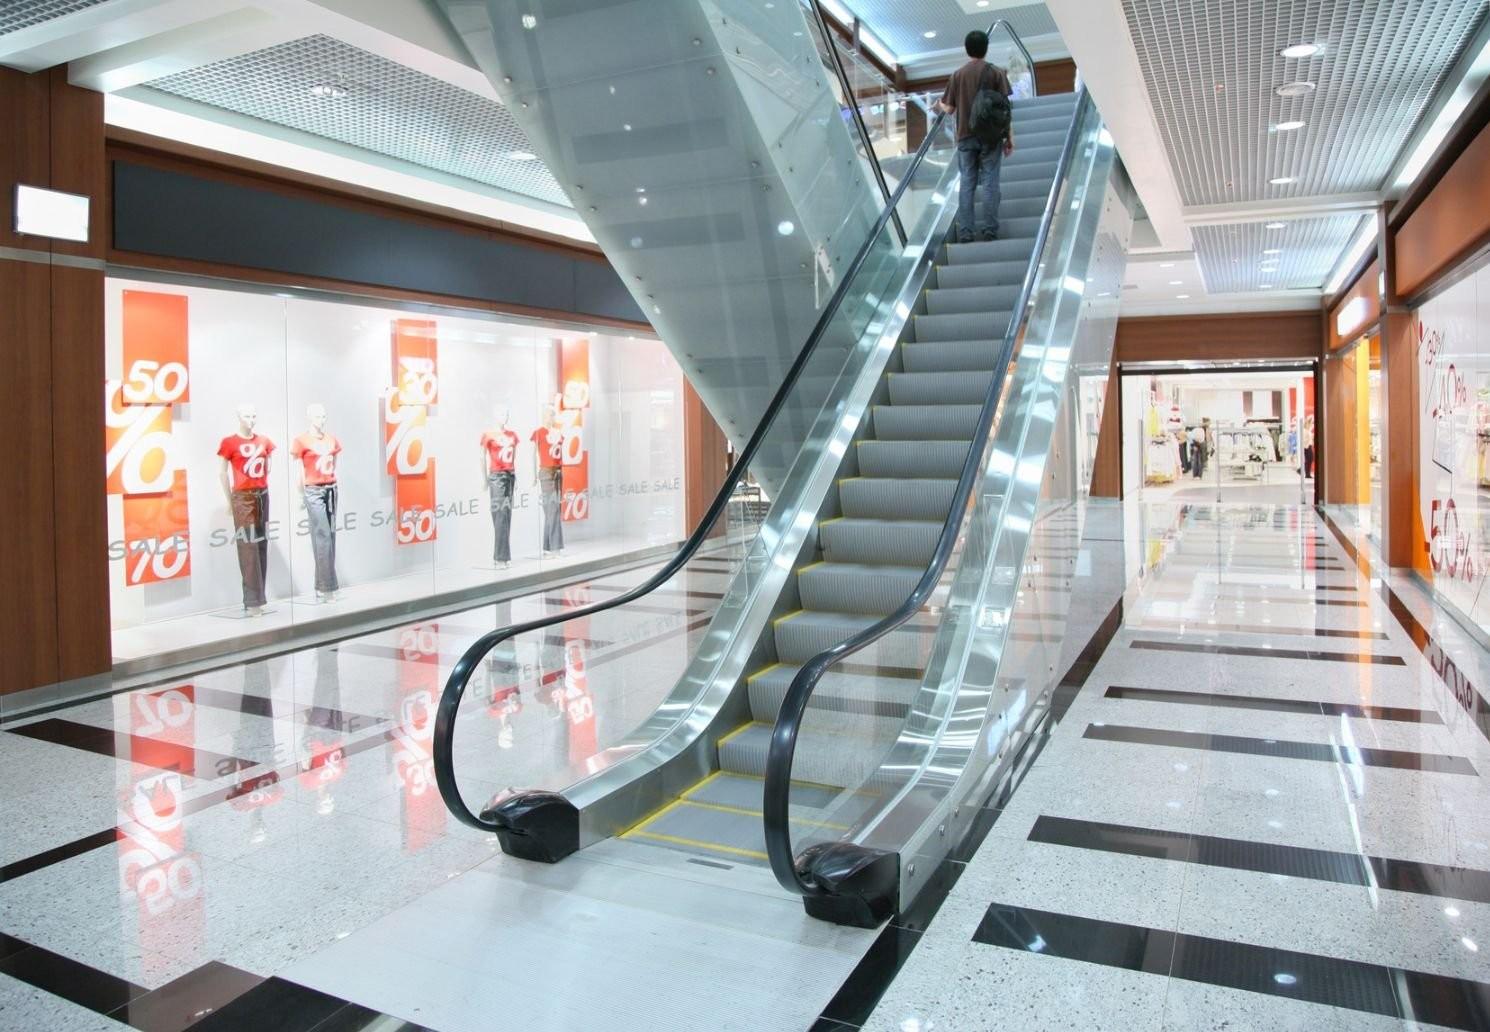 3-х летний ребенок получил травму наэскалаторе в коммерческом центре в столице